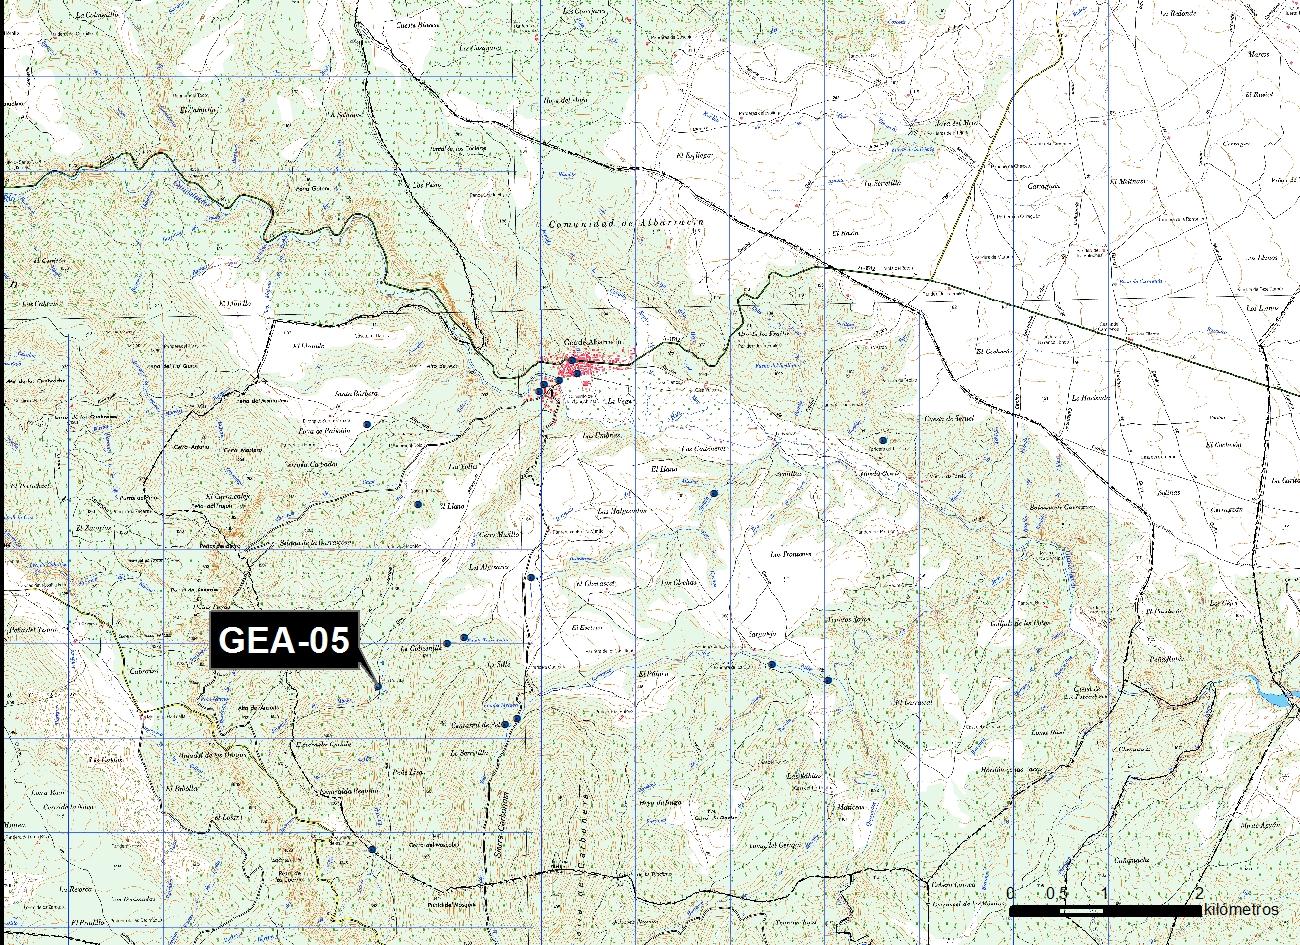 GEA_05_M.V.LOZANO_CASILLA O HIERRO_MAP.TOPO 1